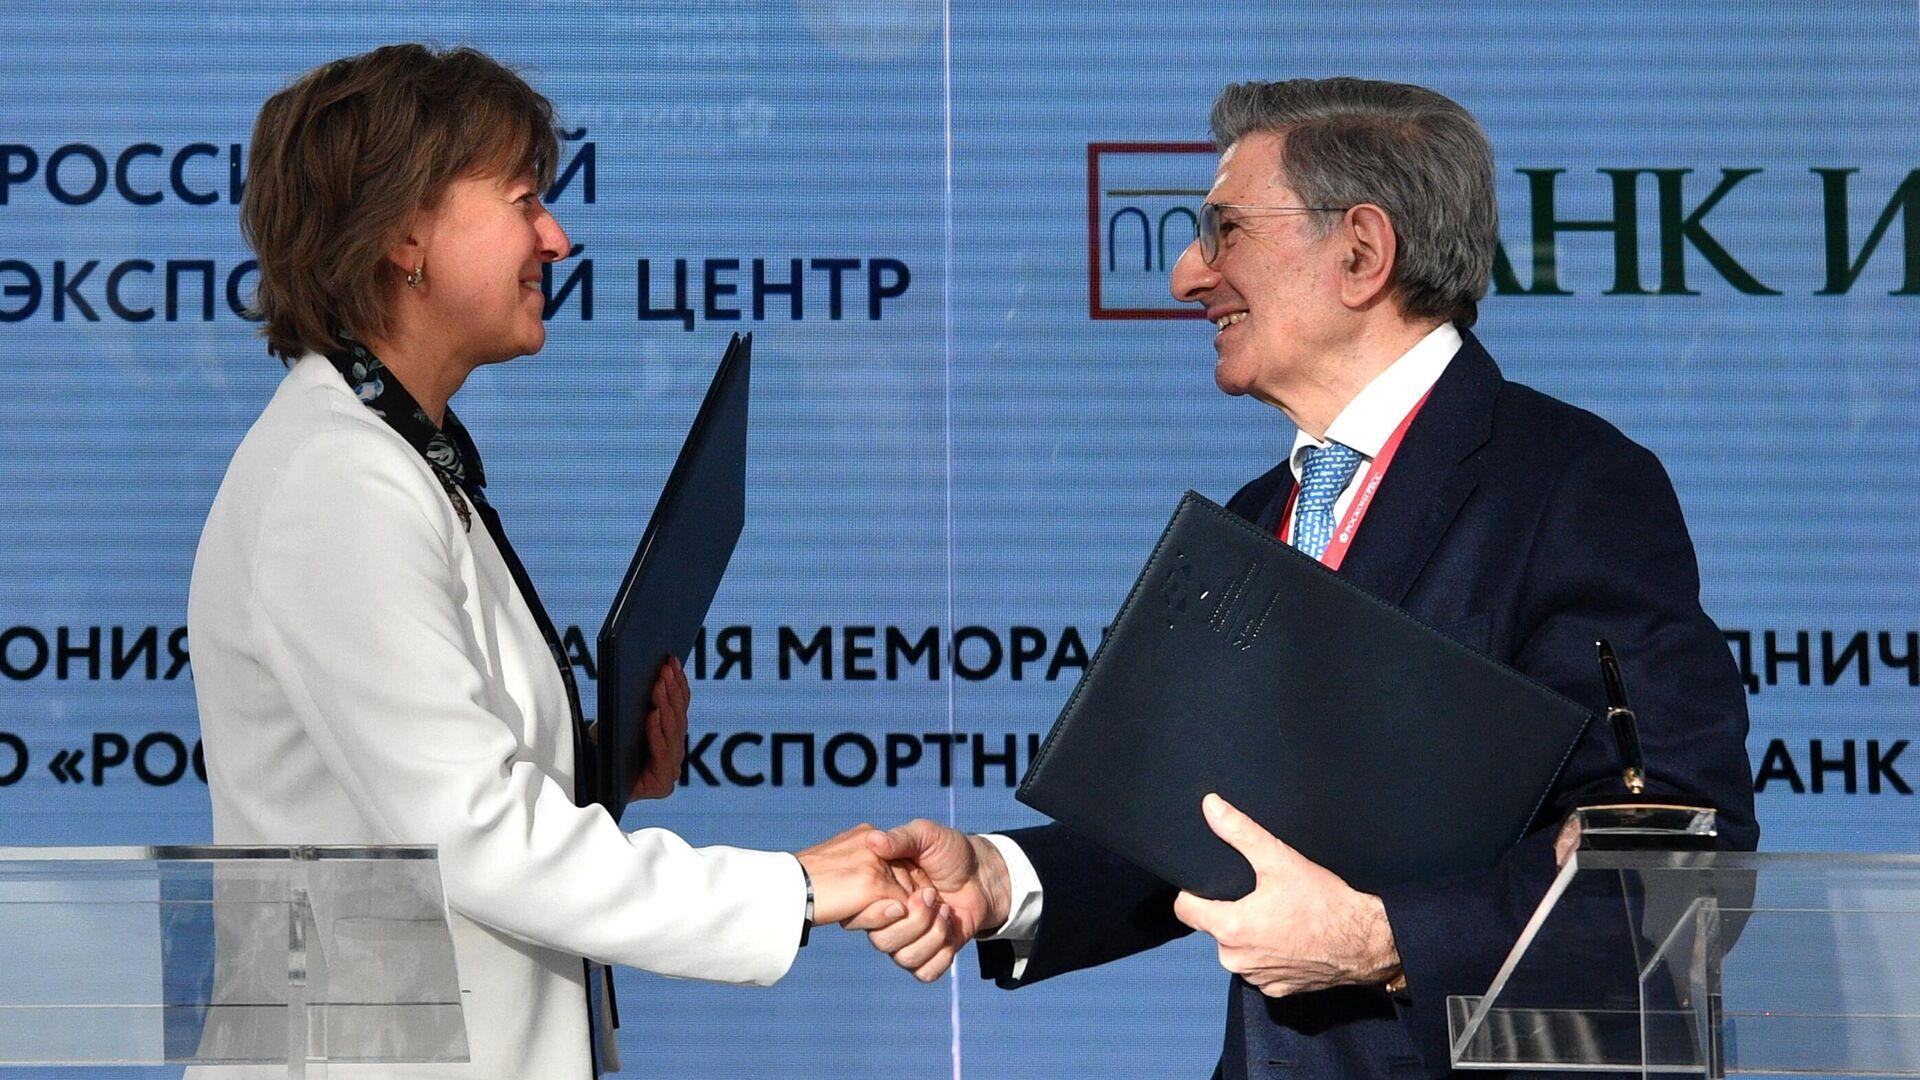 Il direttore generale del REC Group Veronika Nikishina e il presidente del consiglio d'amministrazione di Banca Intesa Antonio Fallico - Sputnik Italia, 1920, 03.06.2021